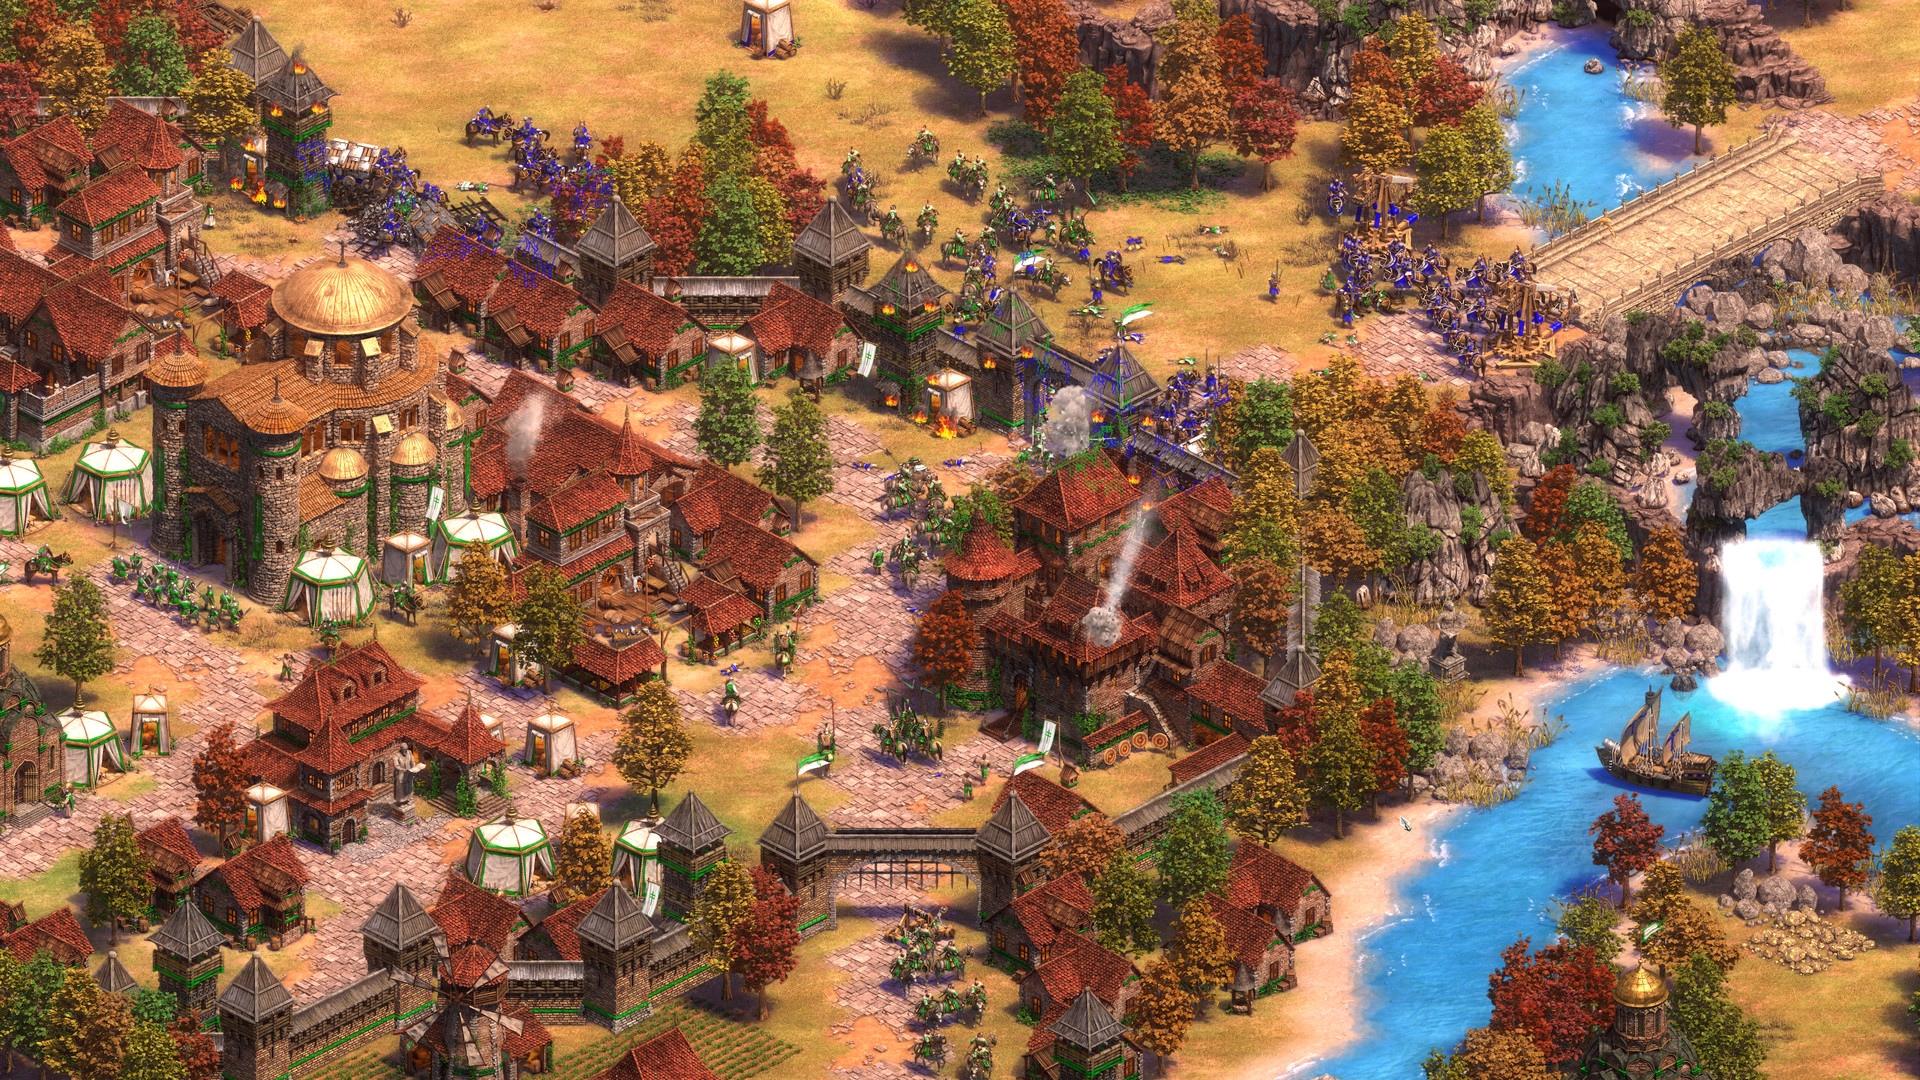 В Steam была добавлена страница игры Age of Empires II: Definitive Edition